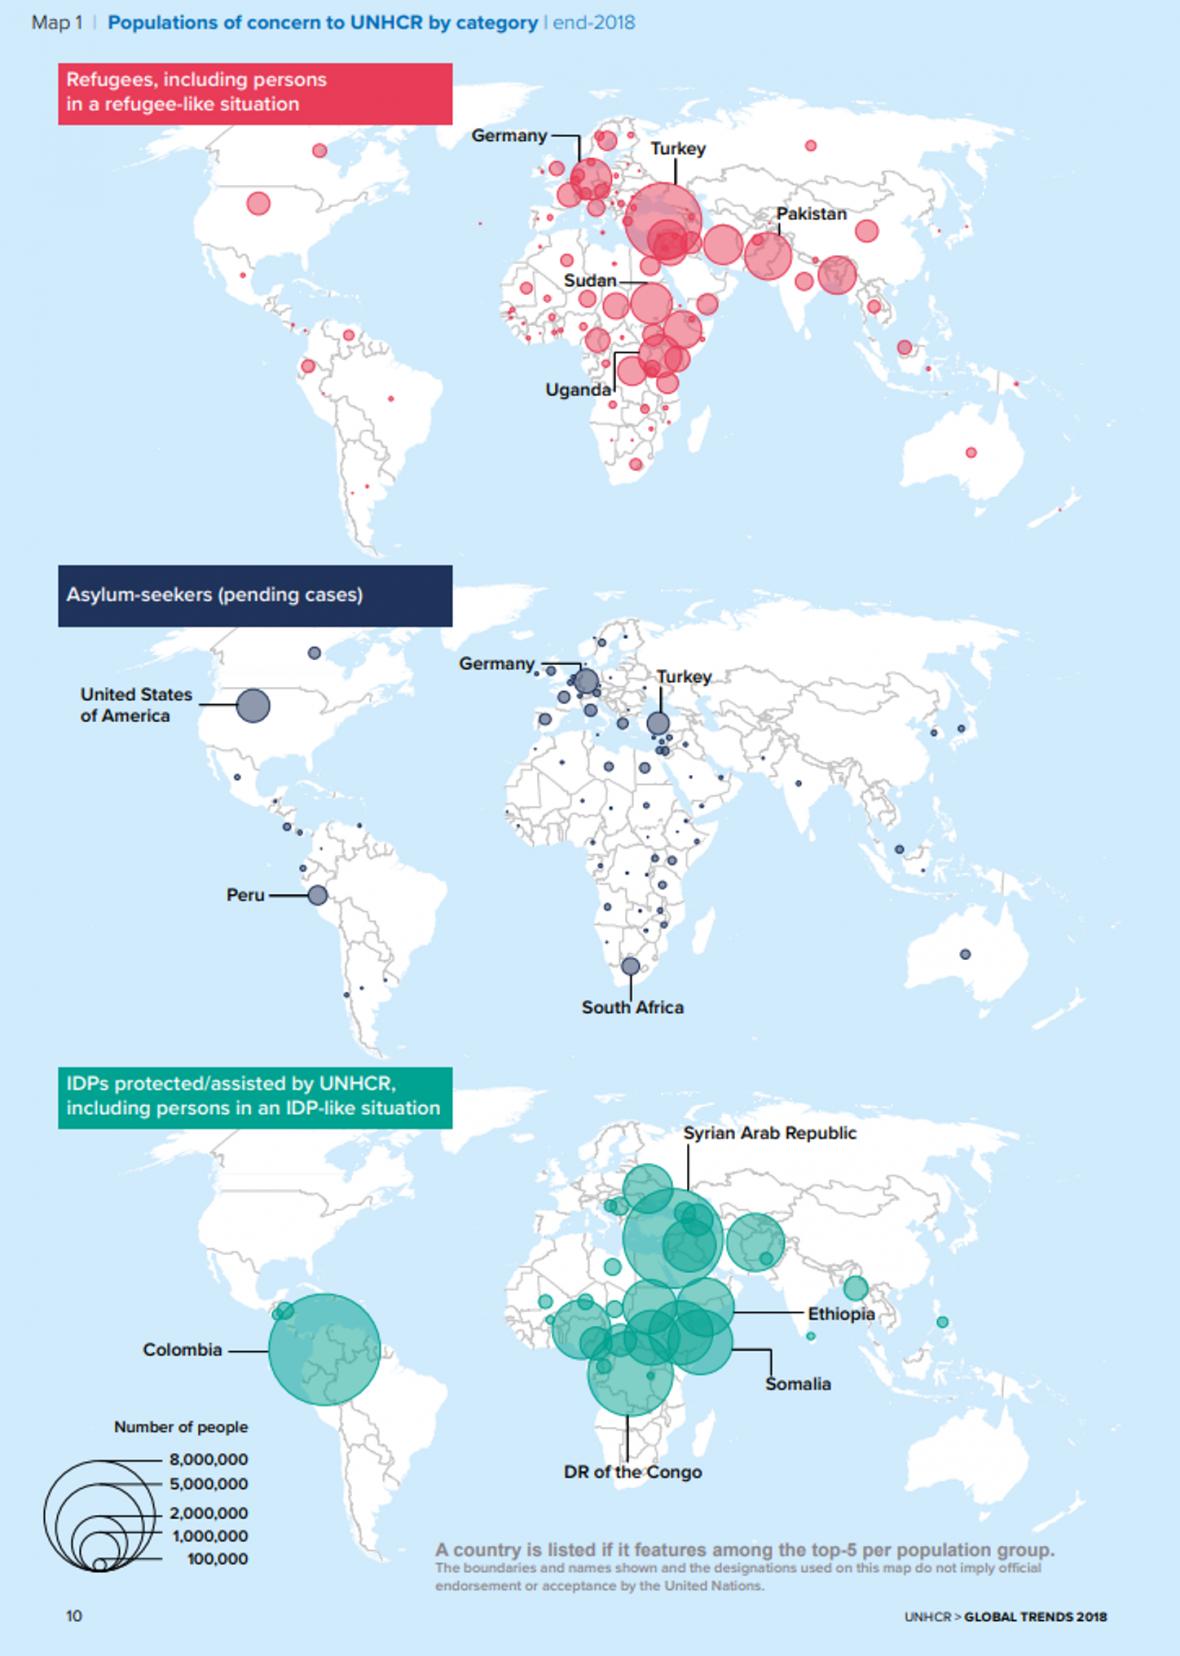 Červeně uprchlíci, modře žadatelé o azyl, zeleně vnitřně vysídlení